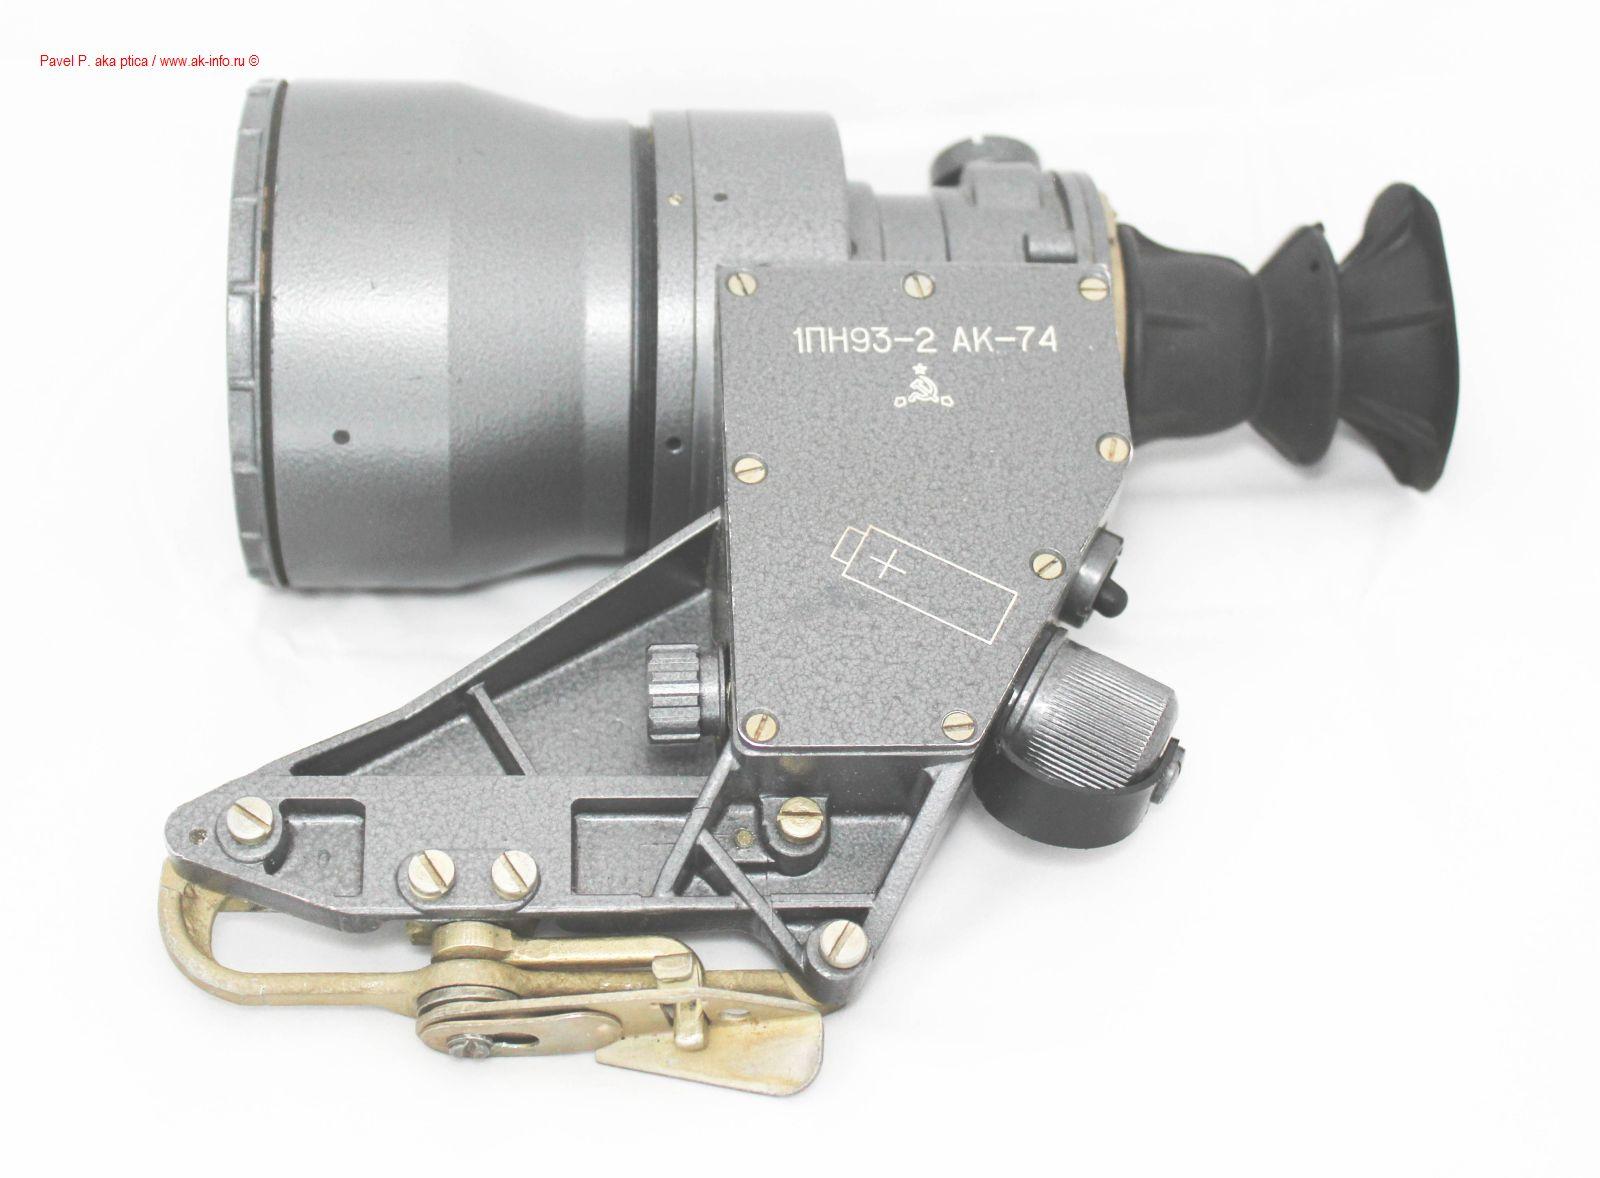 фотография прицела 1ПН93-2 АК-74